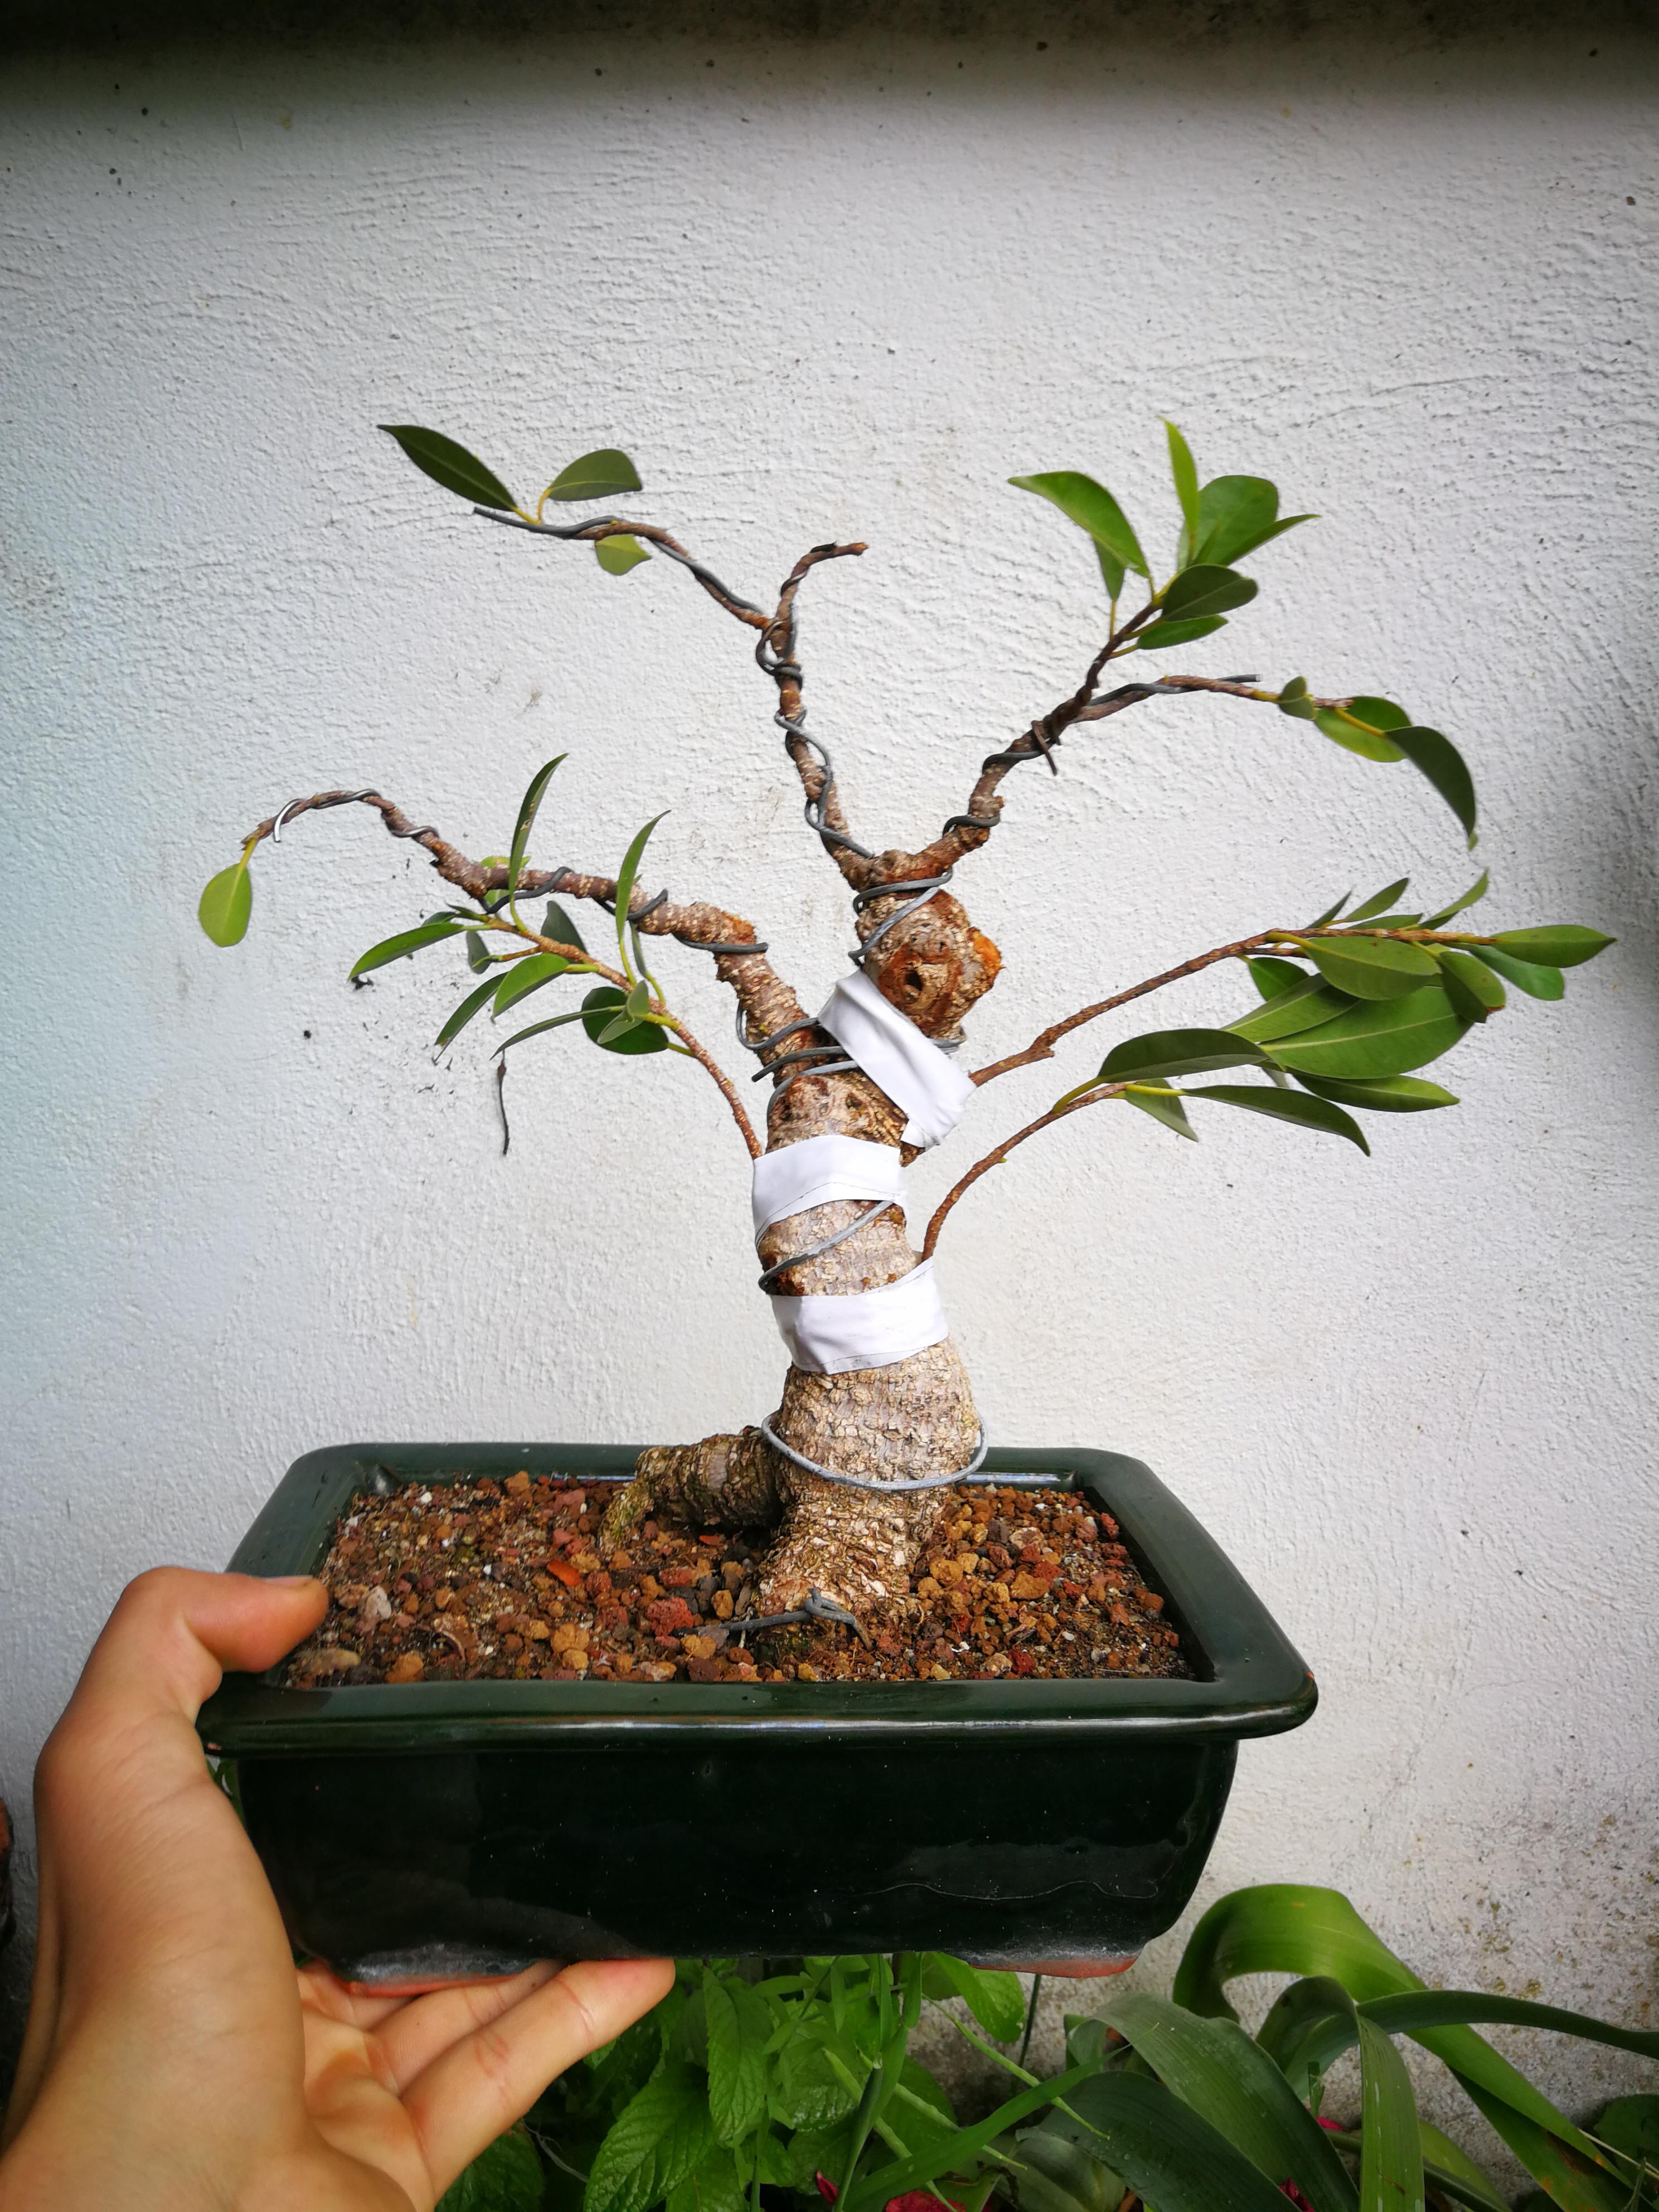 Evolución de Ficus retusa opiniones  - Página 2 Img_2016